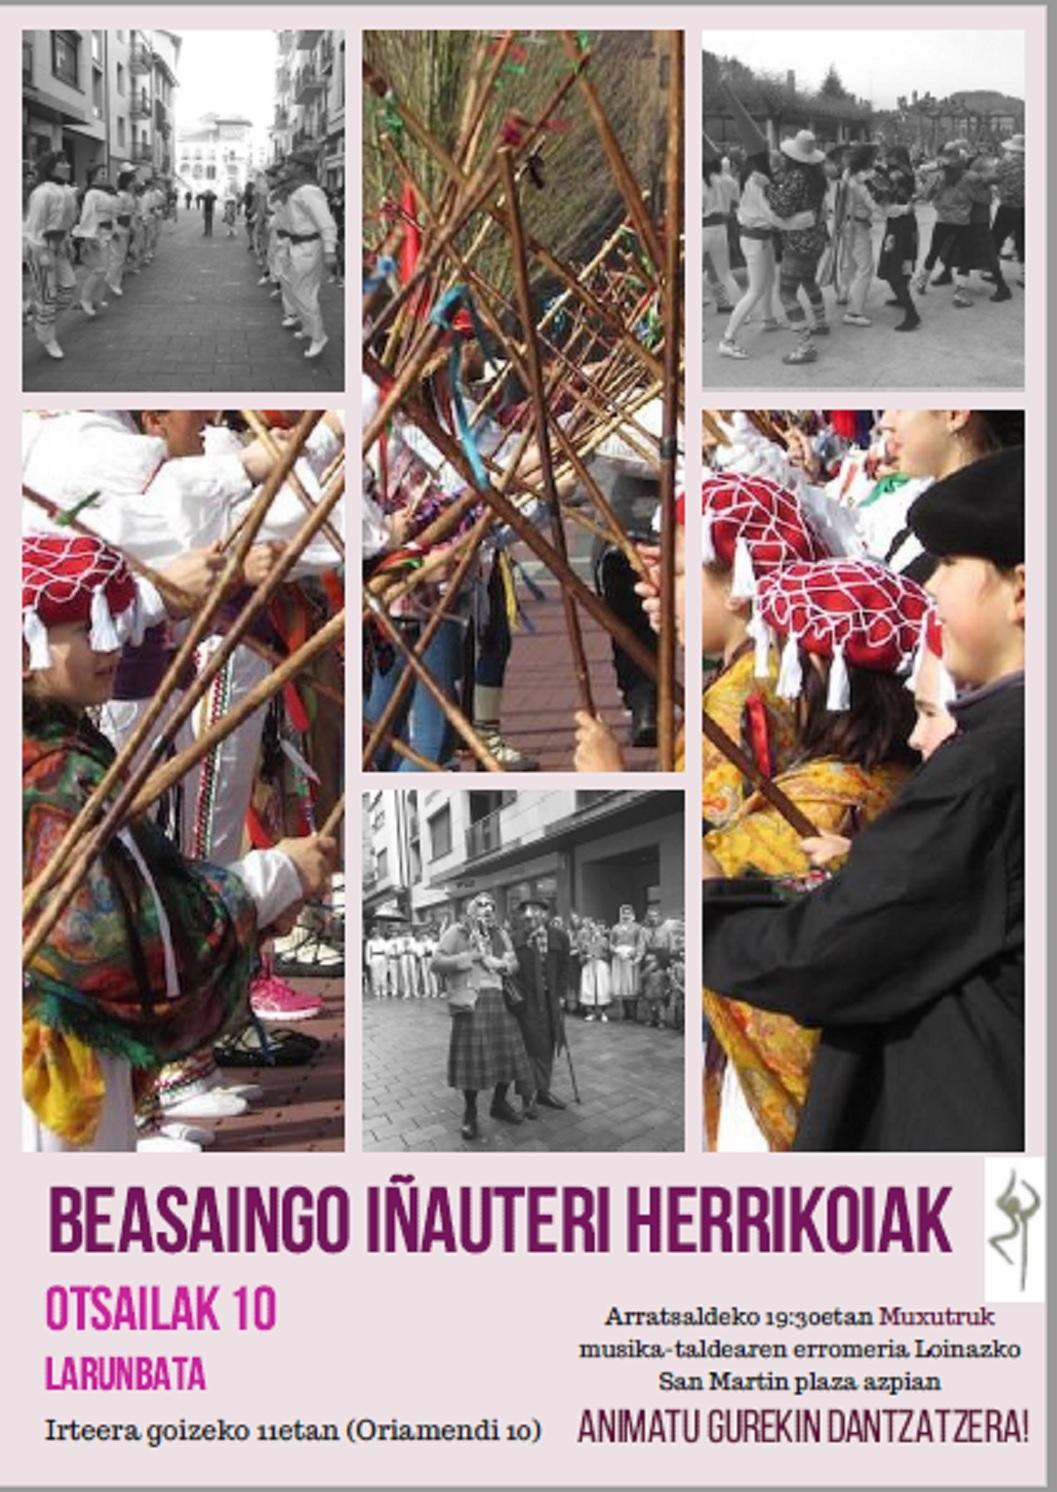 Larunbatean (otsailak 10), urteroko Beasaingo Inauterietako dantza-desfile herrikoia Ostadar Dantza Taldearen eskutik